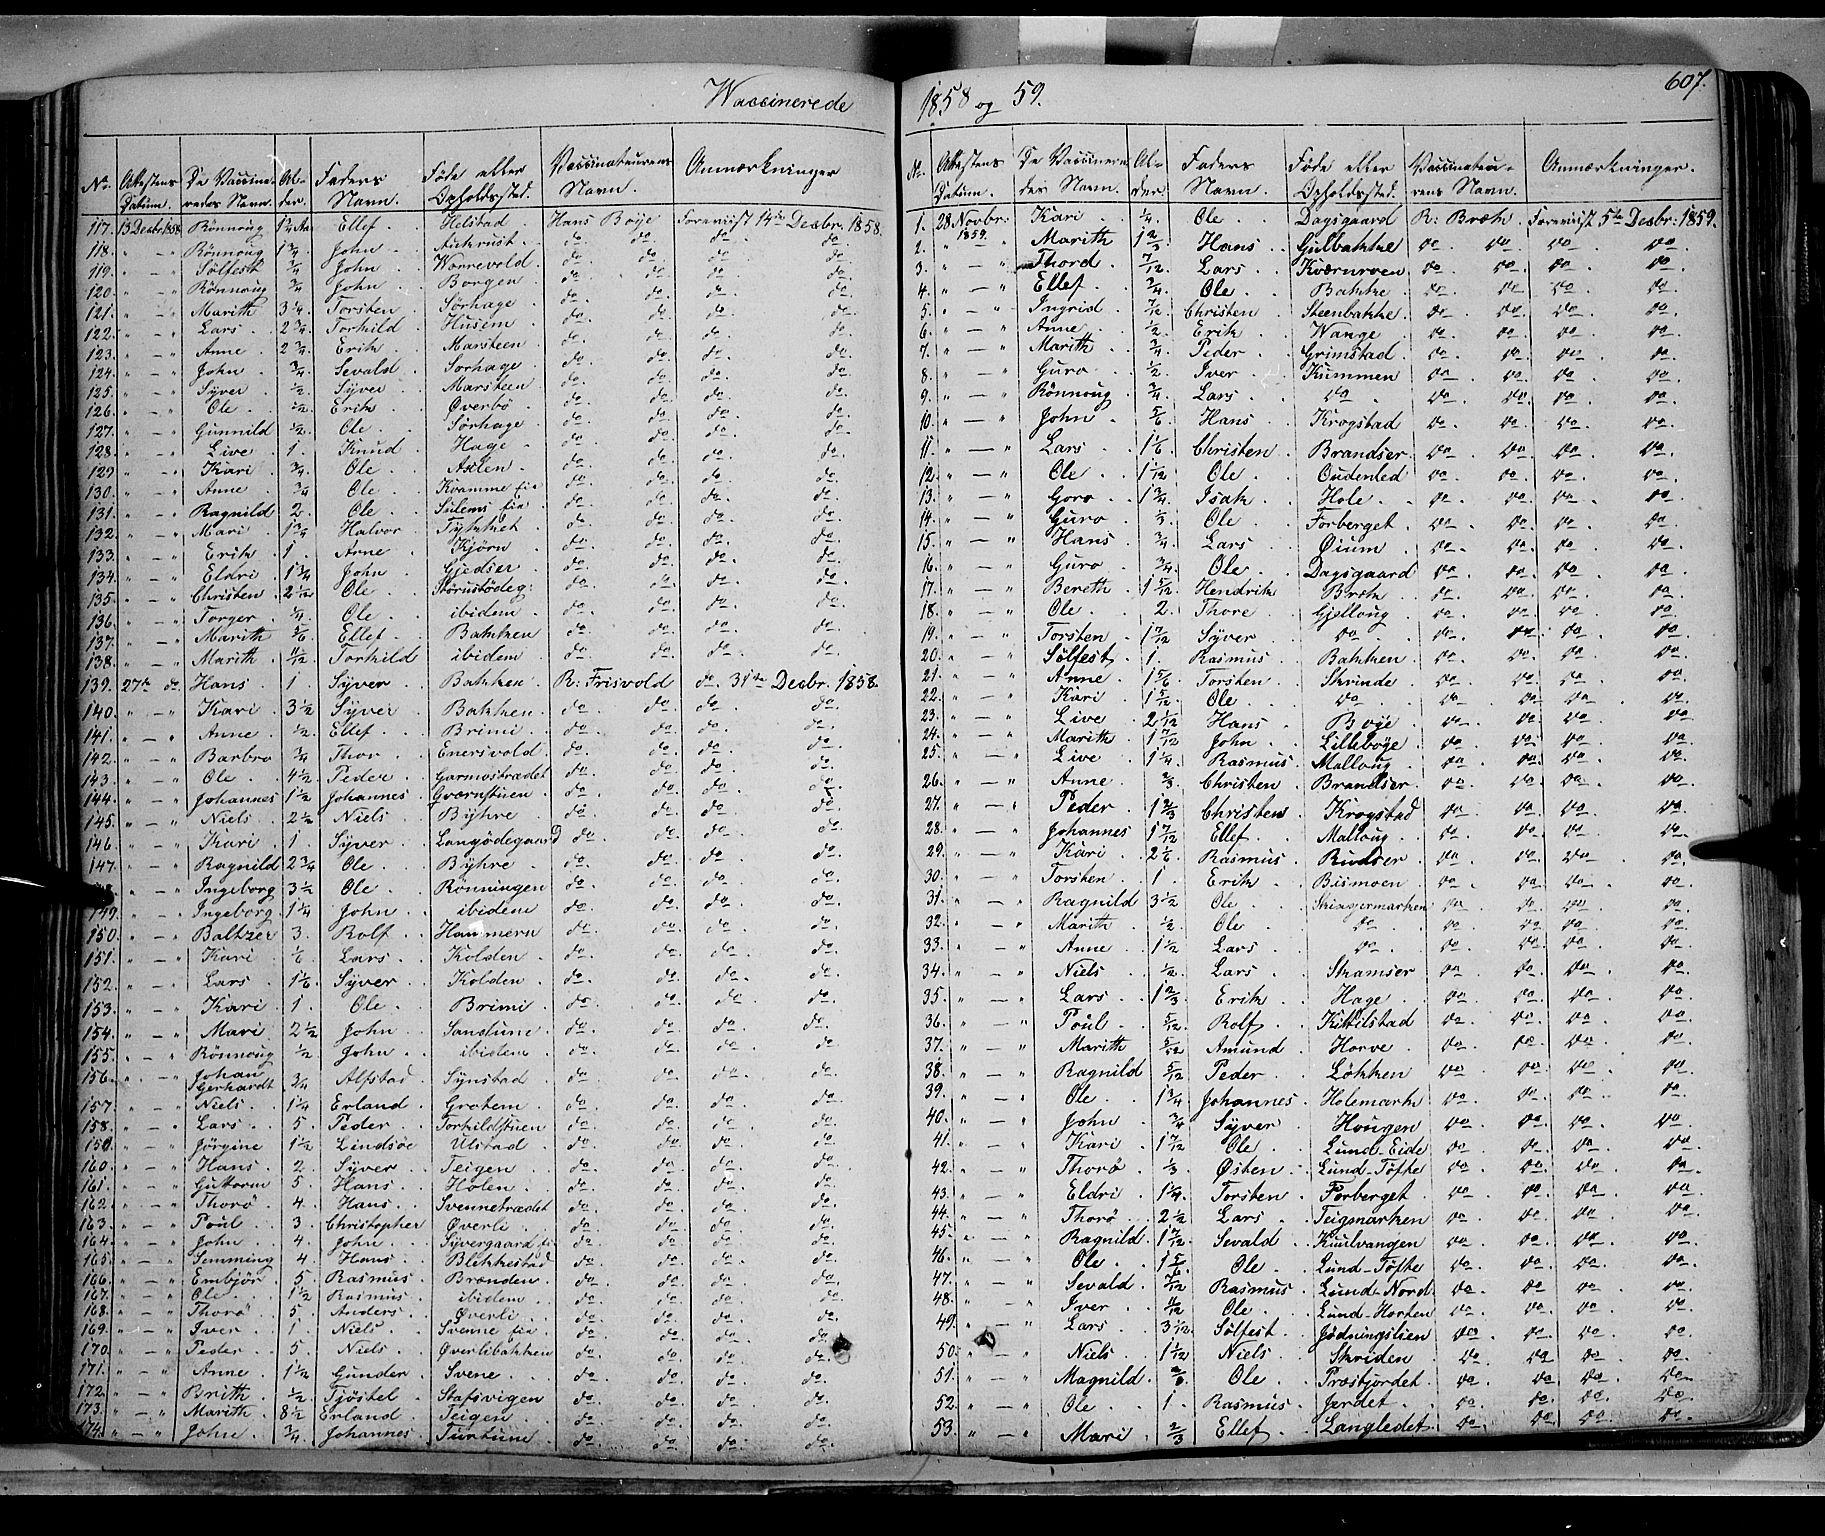 SAH, Lom prestekontor, K/L0006: Ministerialbok nr. 6B, 1837-1863, s. 607